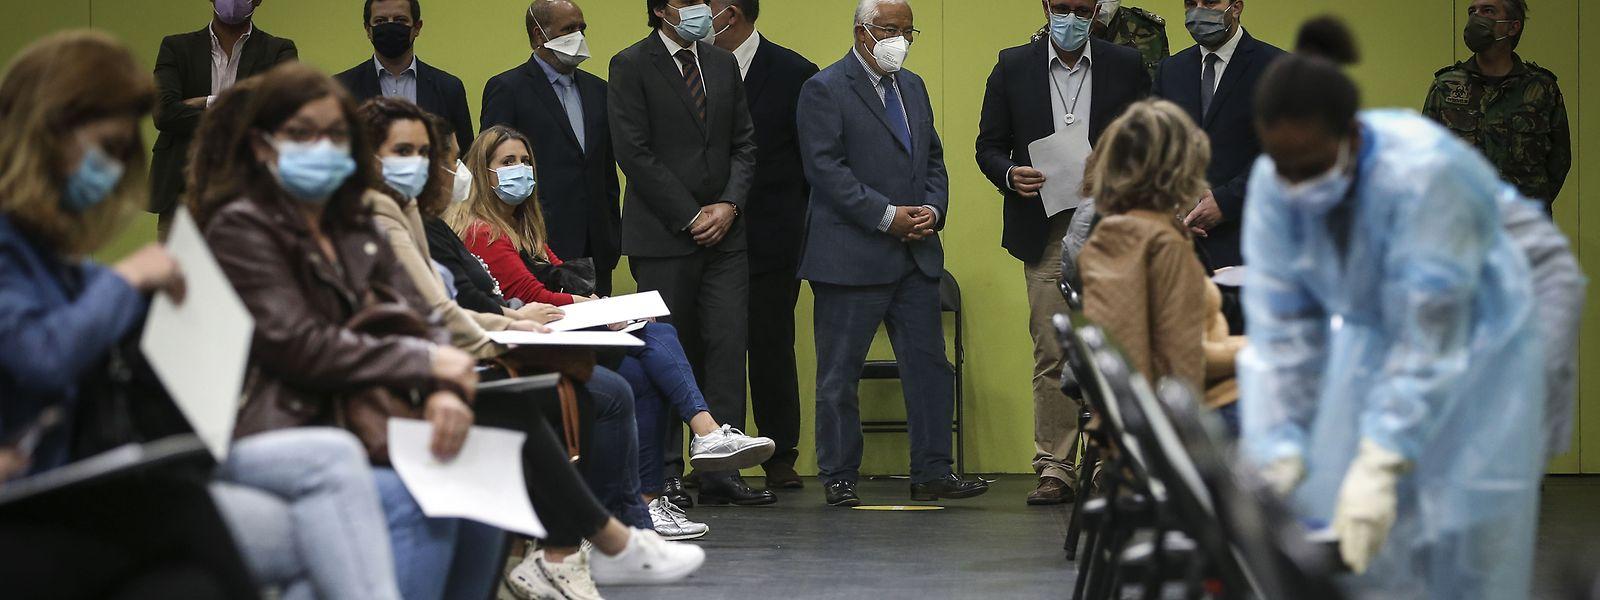 O primeiro-ministro António Costa, ladeado pelo ministro da educação, Tiago Brandão Rodrigues, durante o início da vacinação dos professores e funcionários do pré-escolar e primeiro ciclo, no Pavilhão Multiusos de Odivelas, em Lisboa.